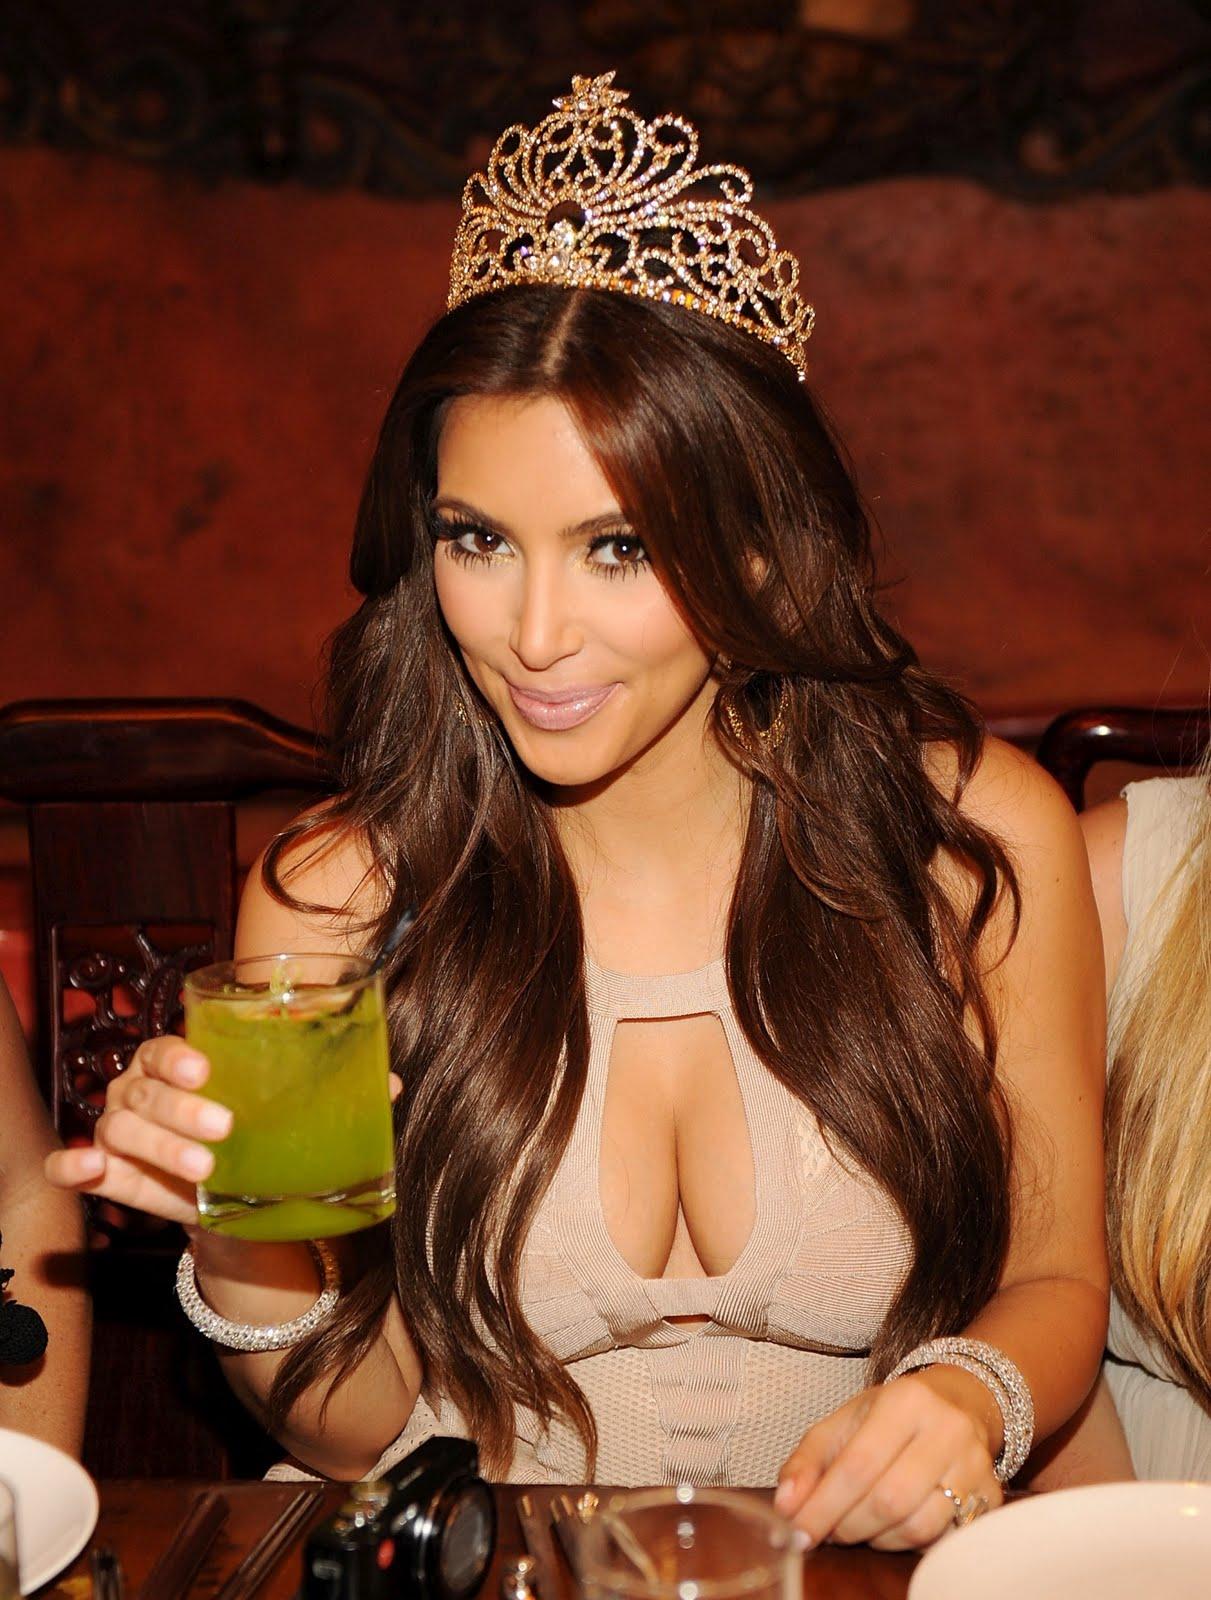 http://1.bp.blogspot.com/-Up5cJNMl468/Ti00HkSzqkI/AAAAAAAAArE/MWak7Y_ut6w/s1600/Kim-Kardashian-122.jpg